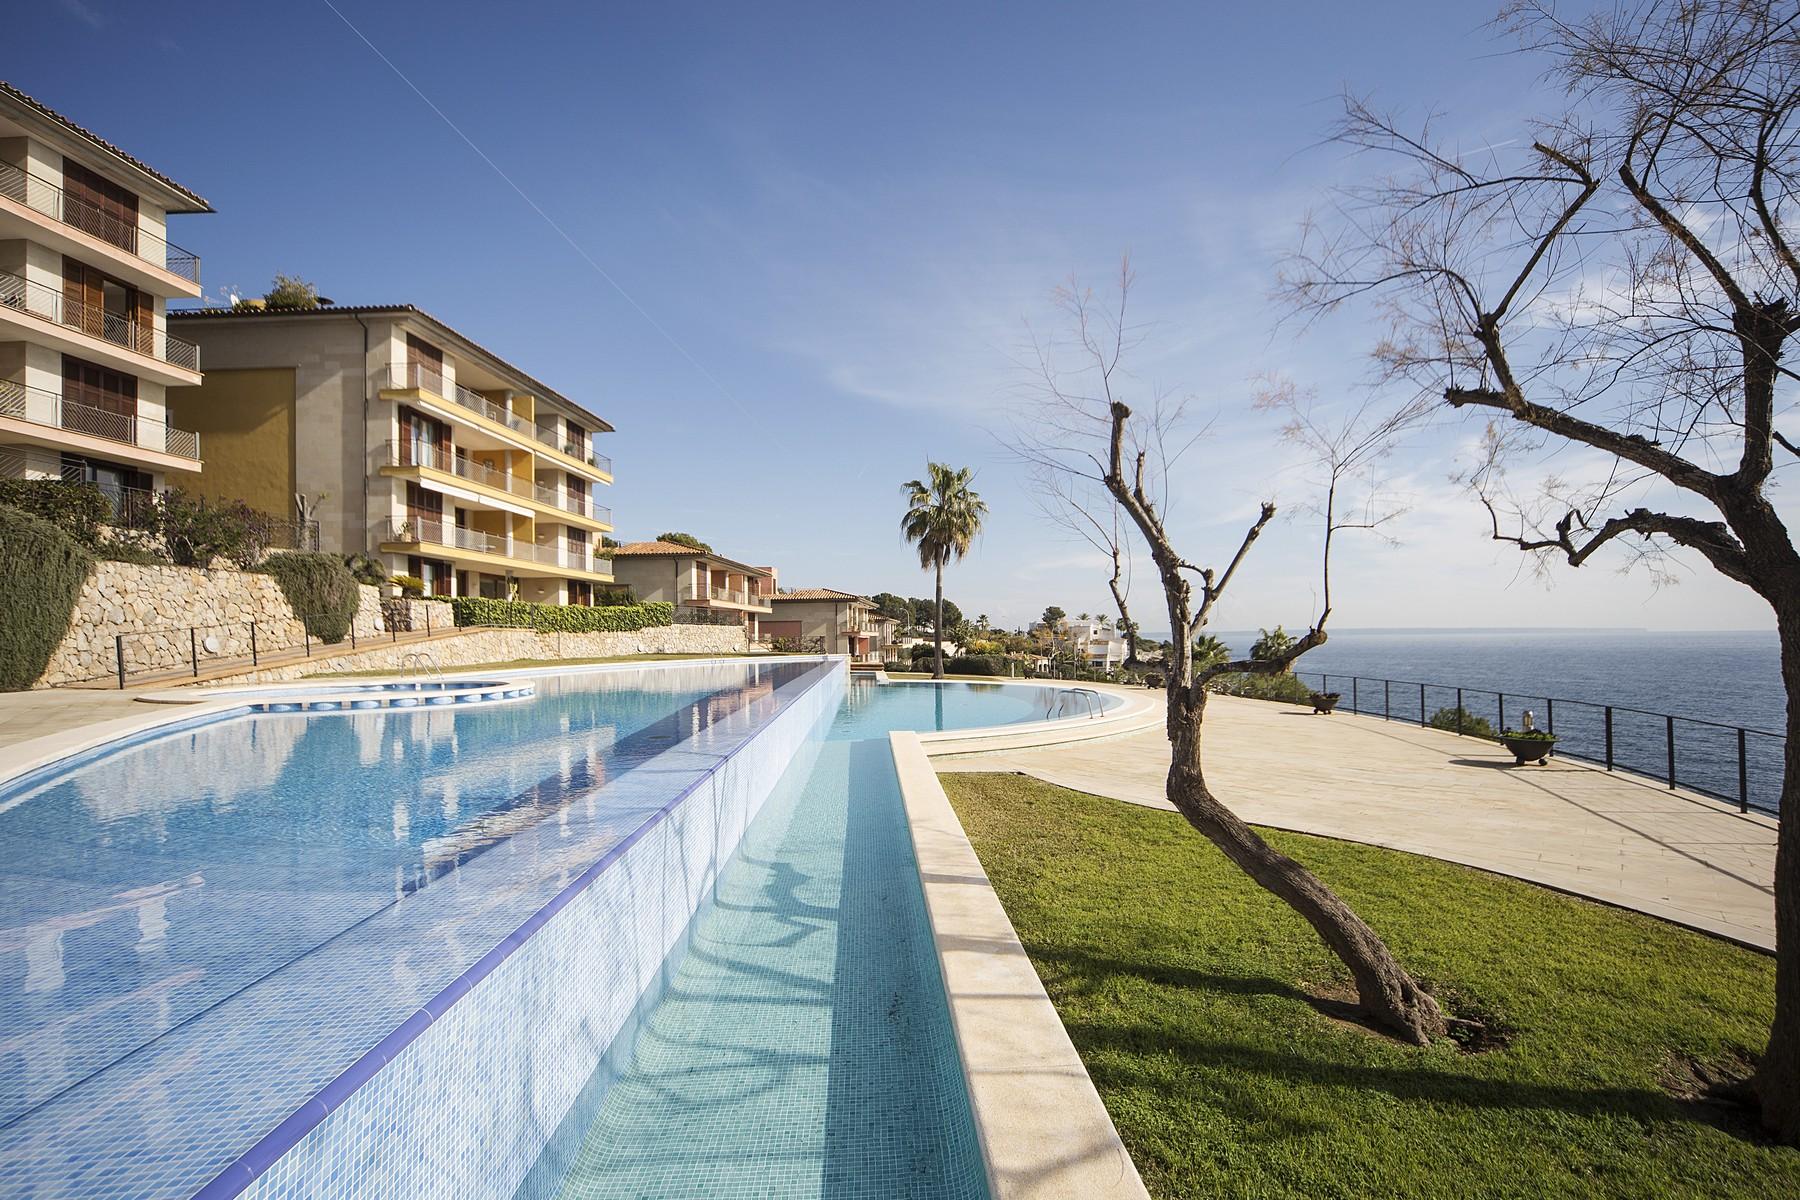 Apartamento por un Venta en Apartment with sea access in Sol de Mallorca Sol De Mallorca, Mallorca, 07181 España